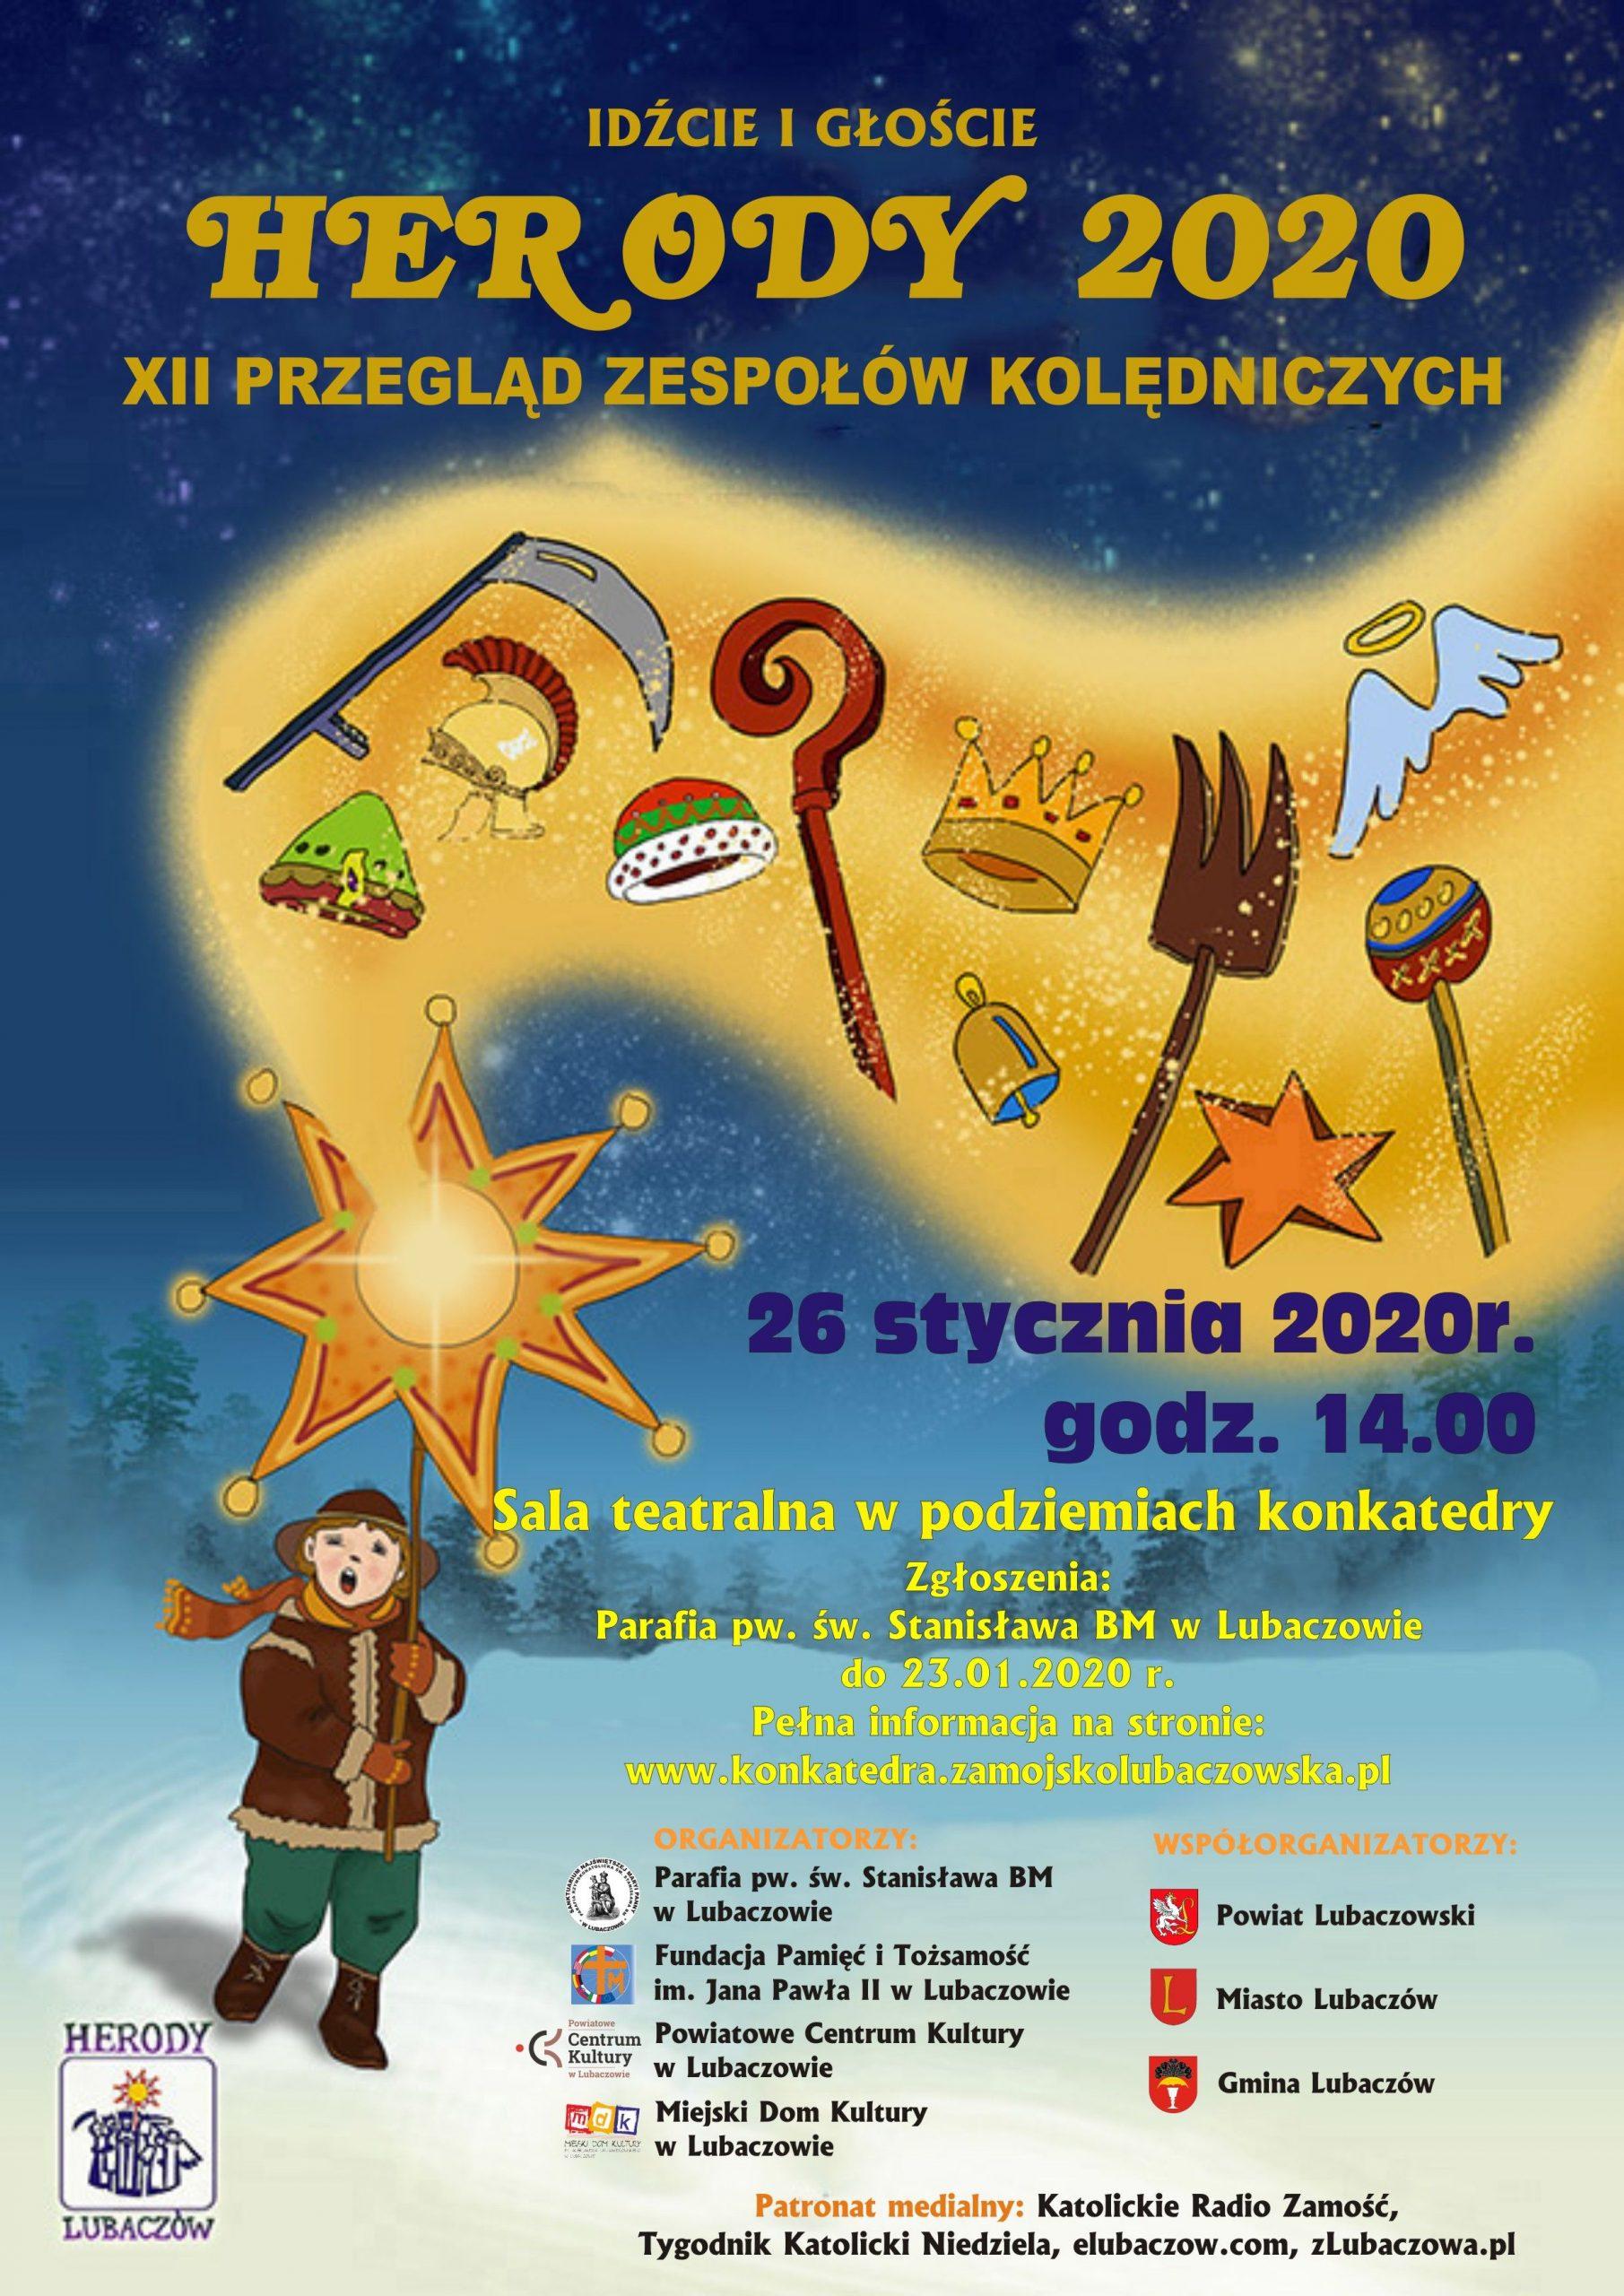 Herody 2020